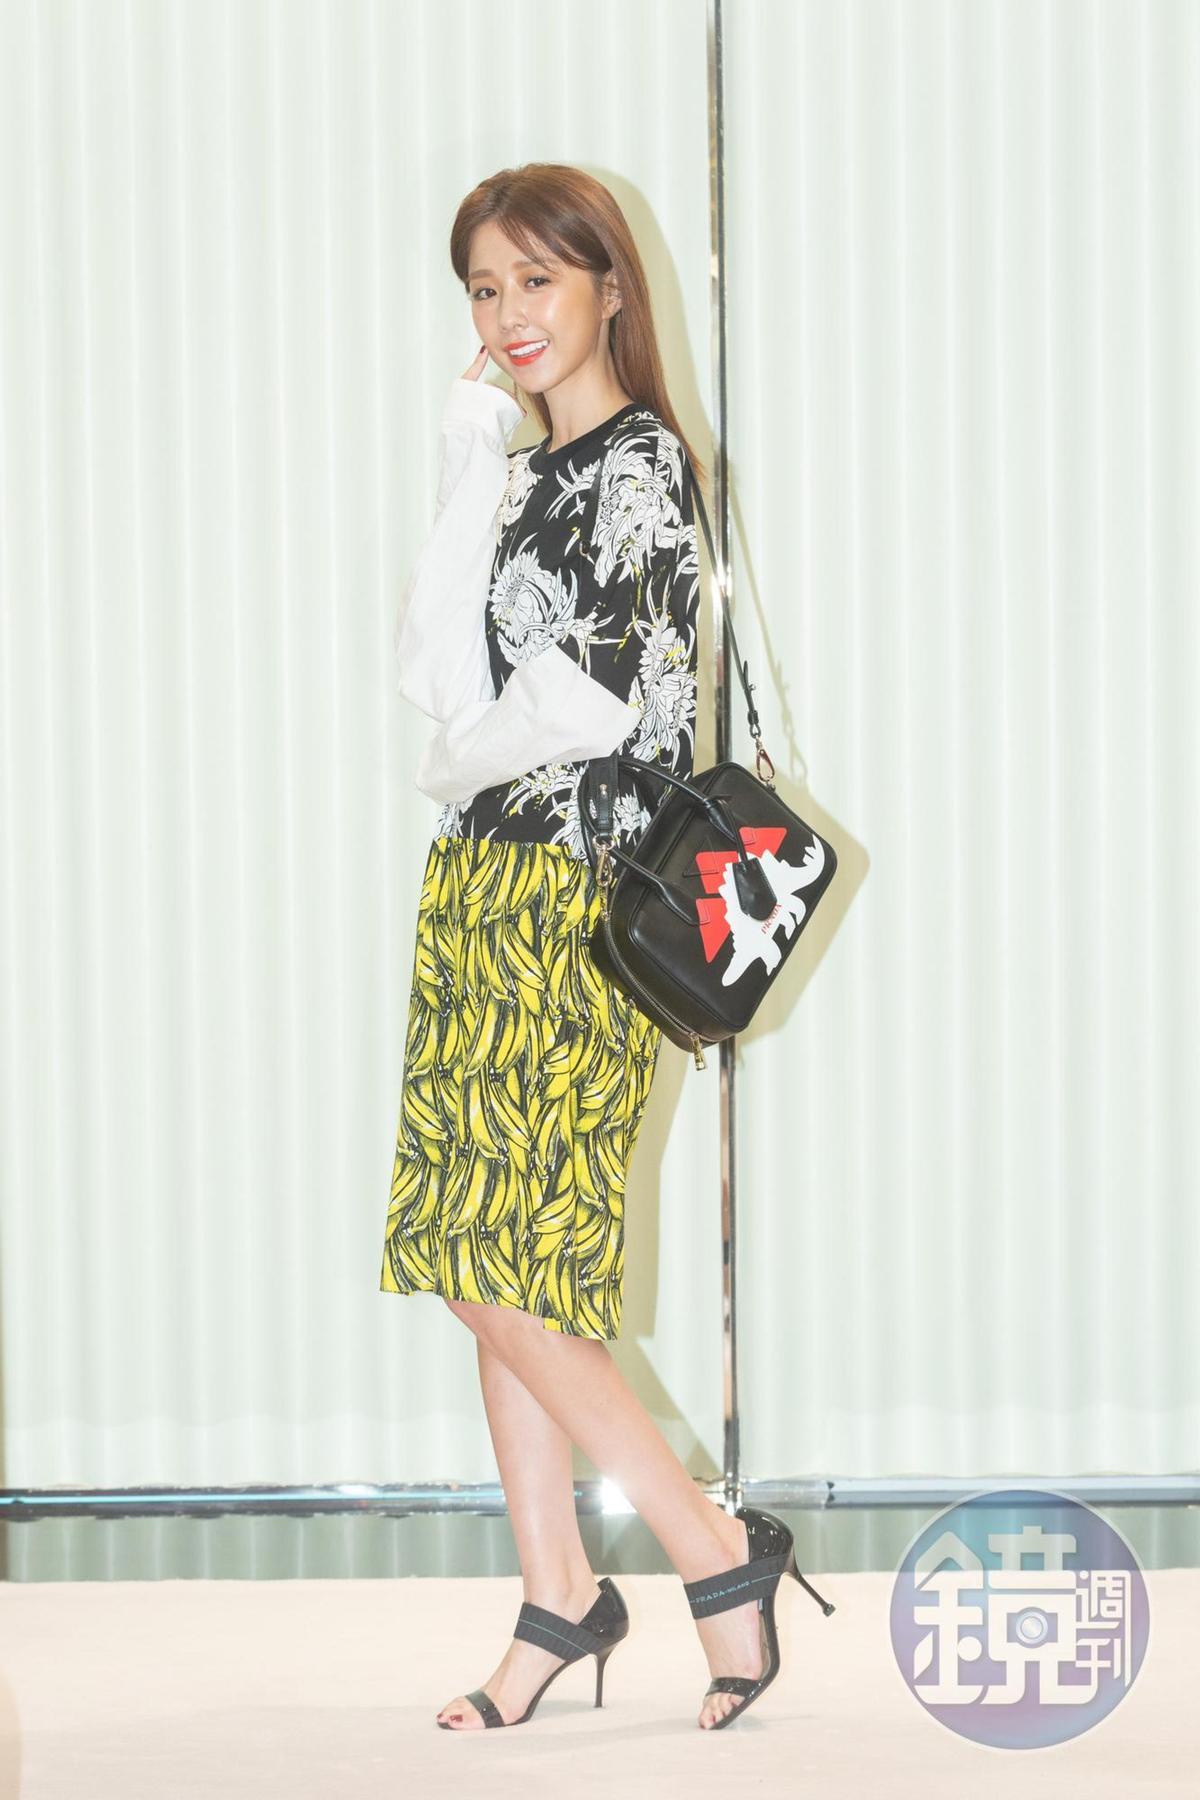 邵雨薇示範PRADA大理花拼接香蕉印花連衣裙NT$39,000、恐龍印花方包NT$67,500、運動風露趾高跟鞋NT$32,000。